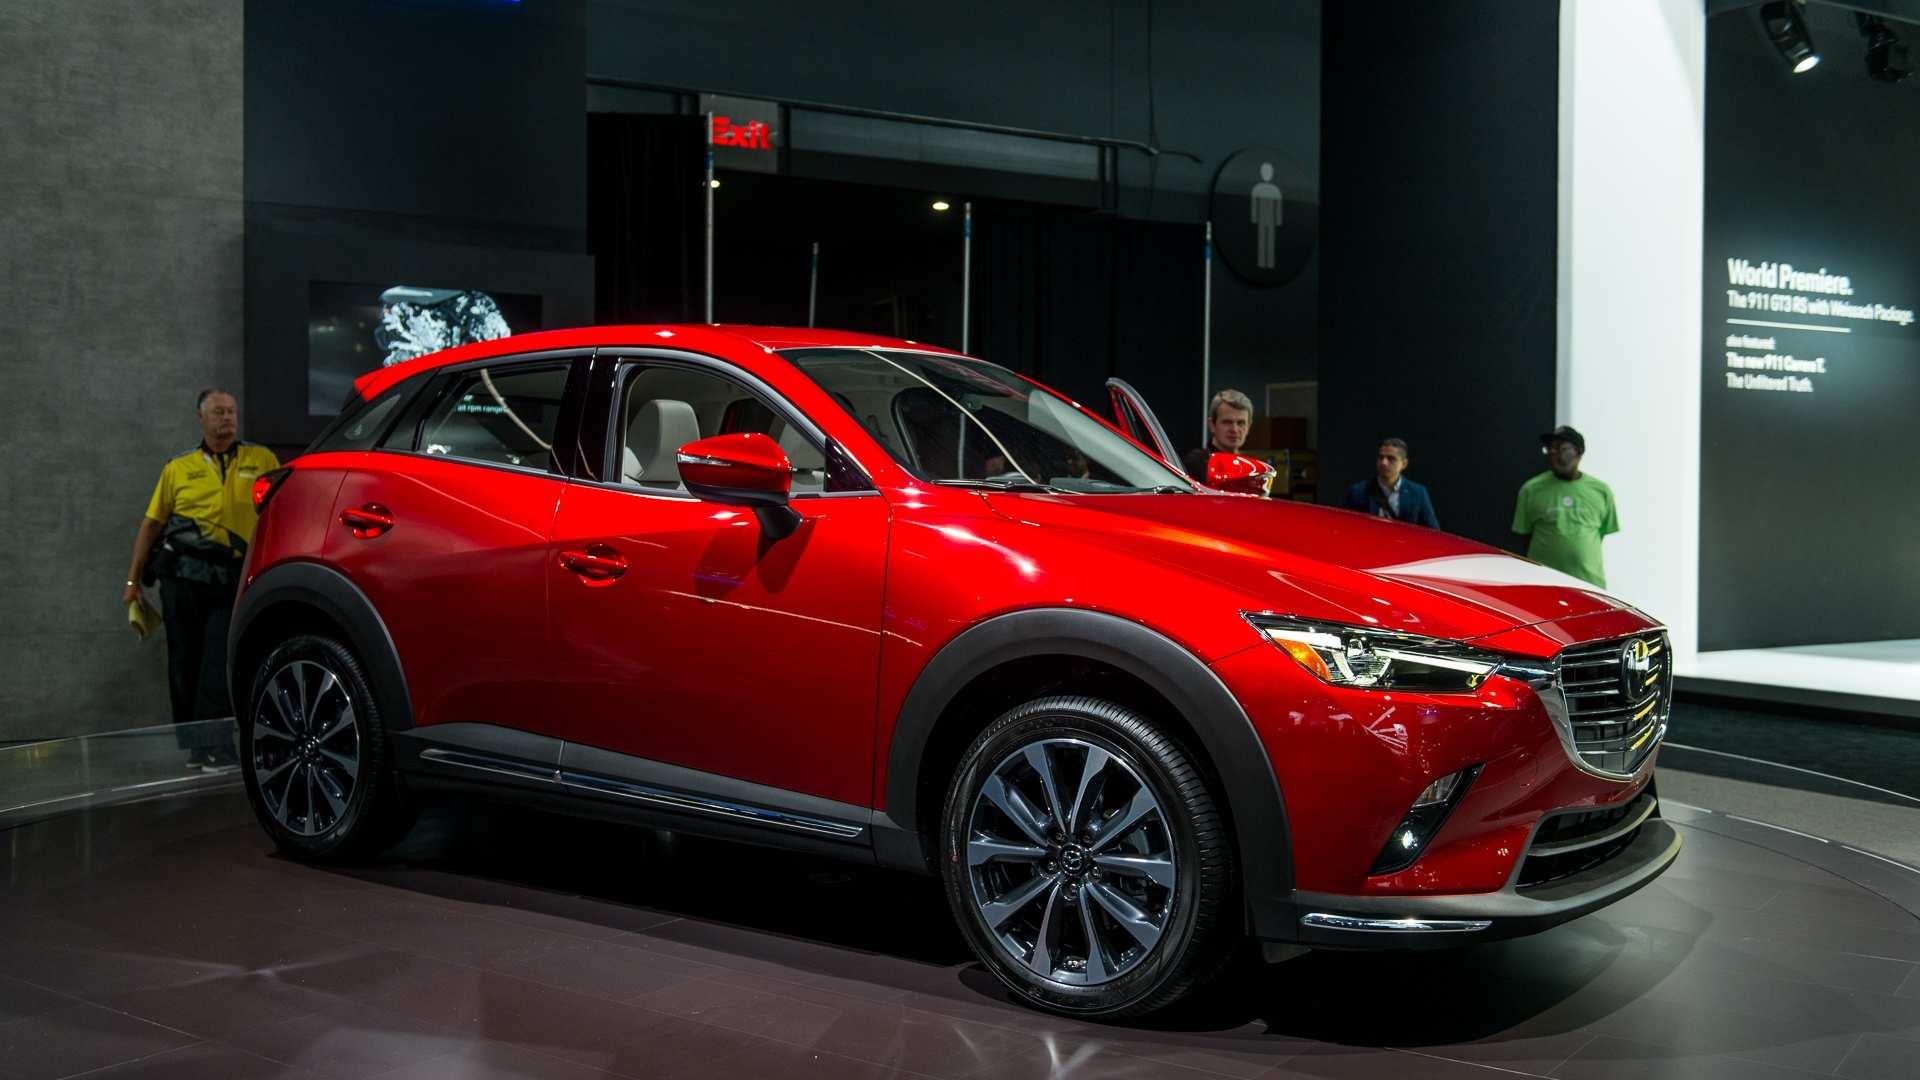 53 Best Review Mazda X3 2020 Price for Mazda X3 2020